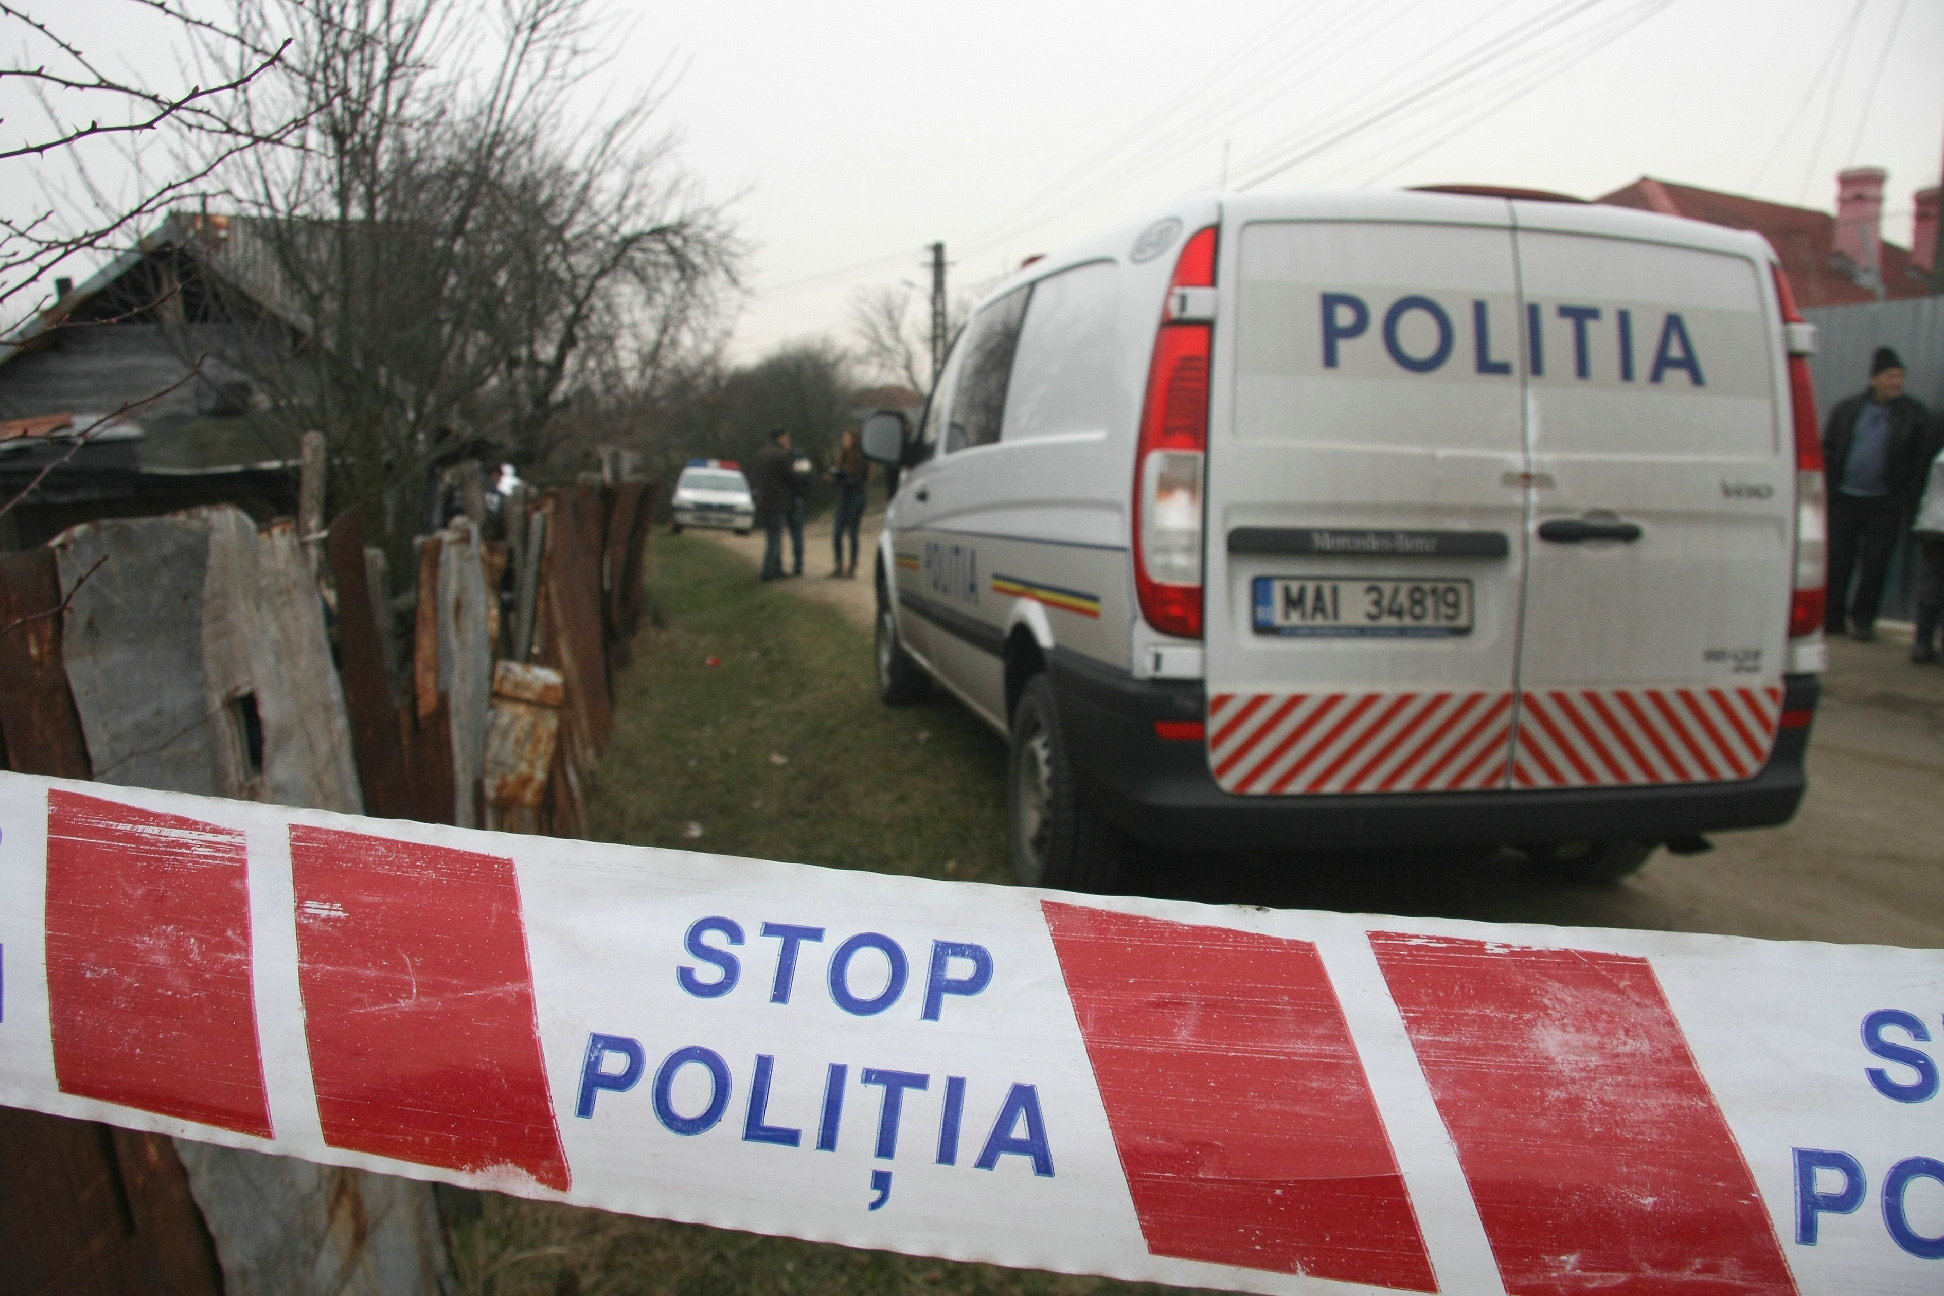 Un bărbat a fost găsit împuşcat în inimă, pe un câmp din Vrancea. Criminaliştii au deschis o anchetă